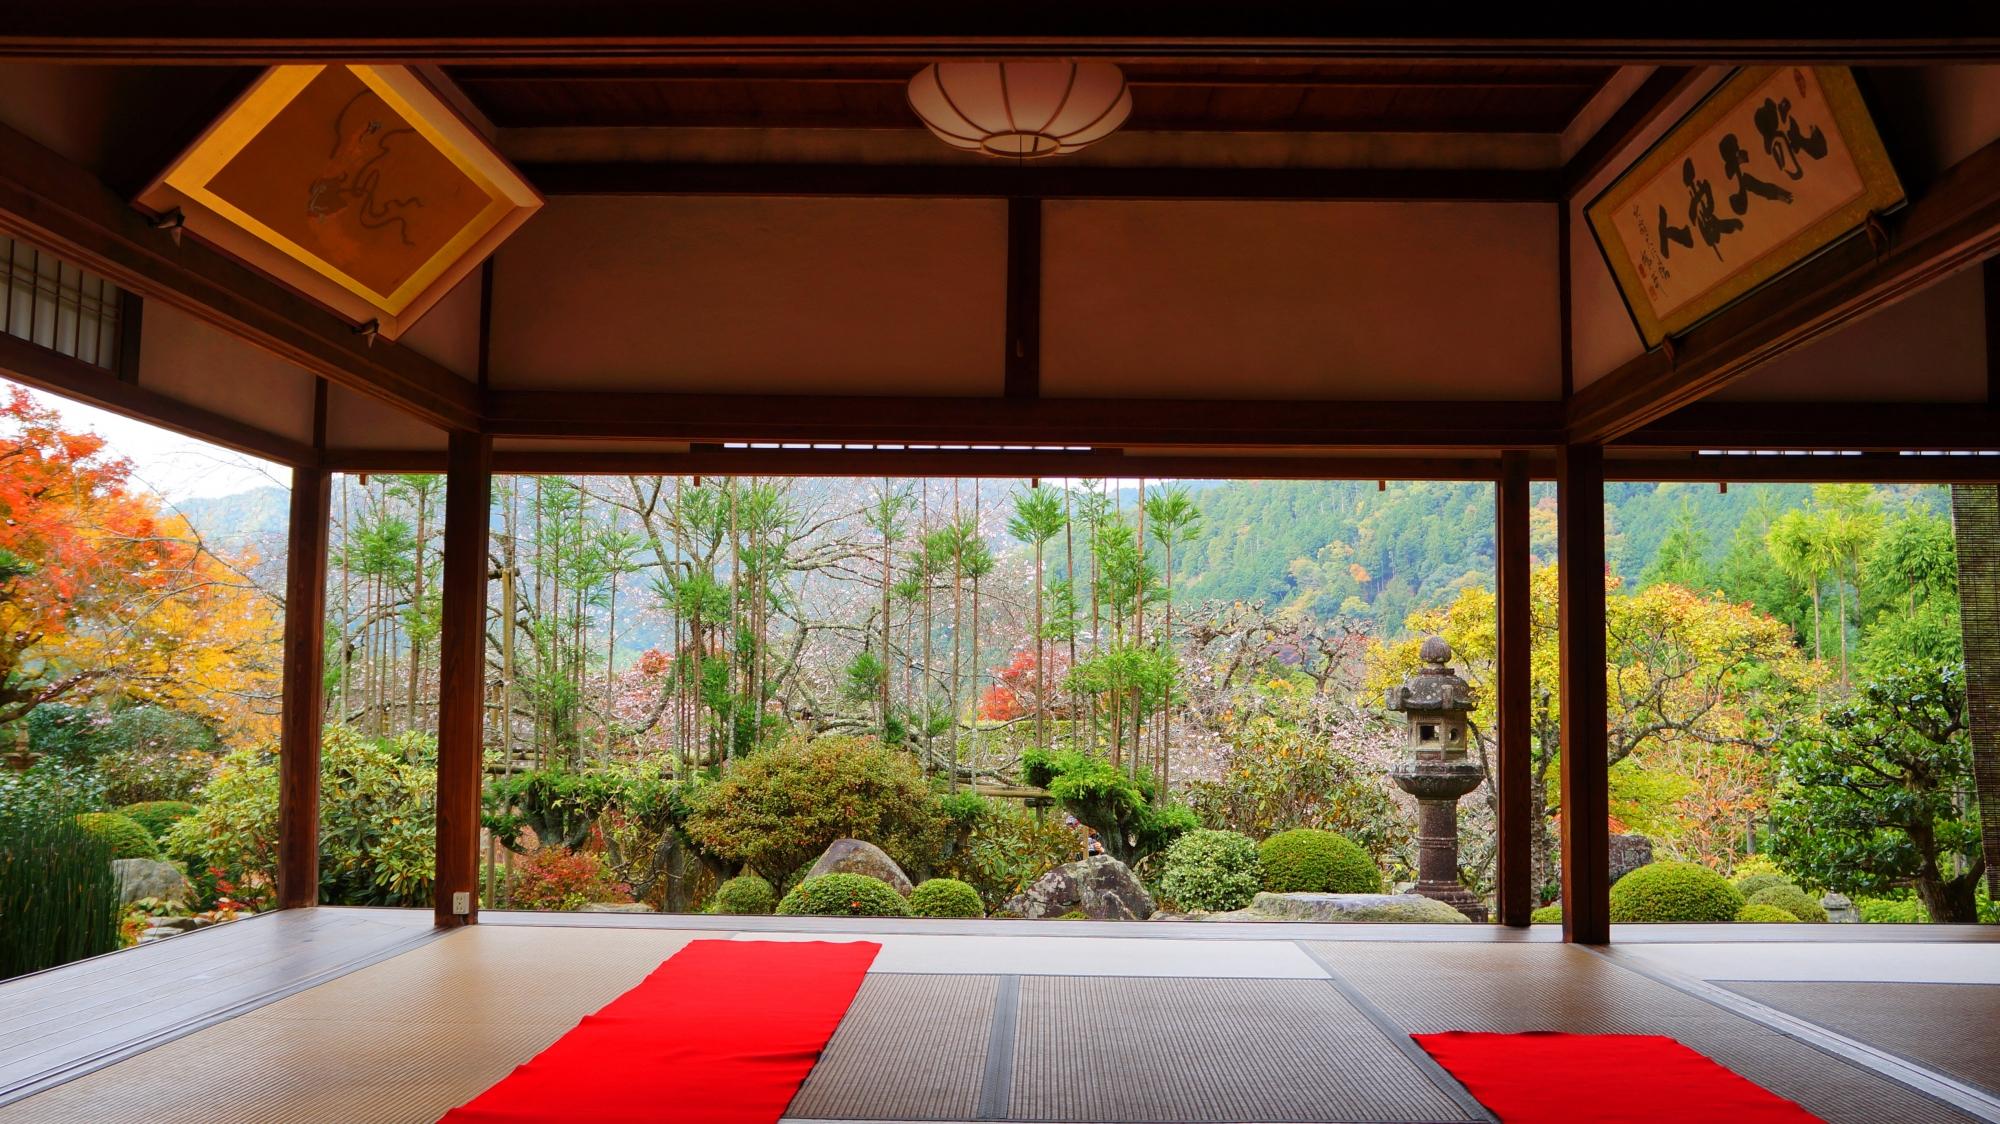 客殿から眺めた秋の旧理覚院庭園